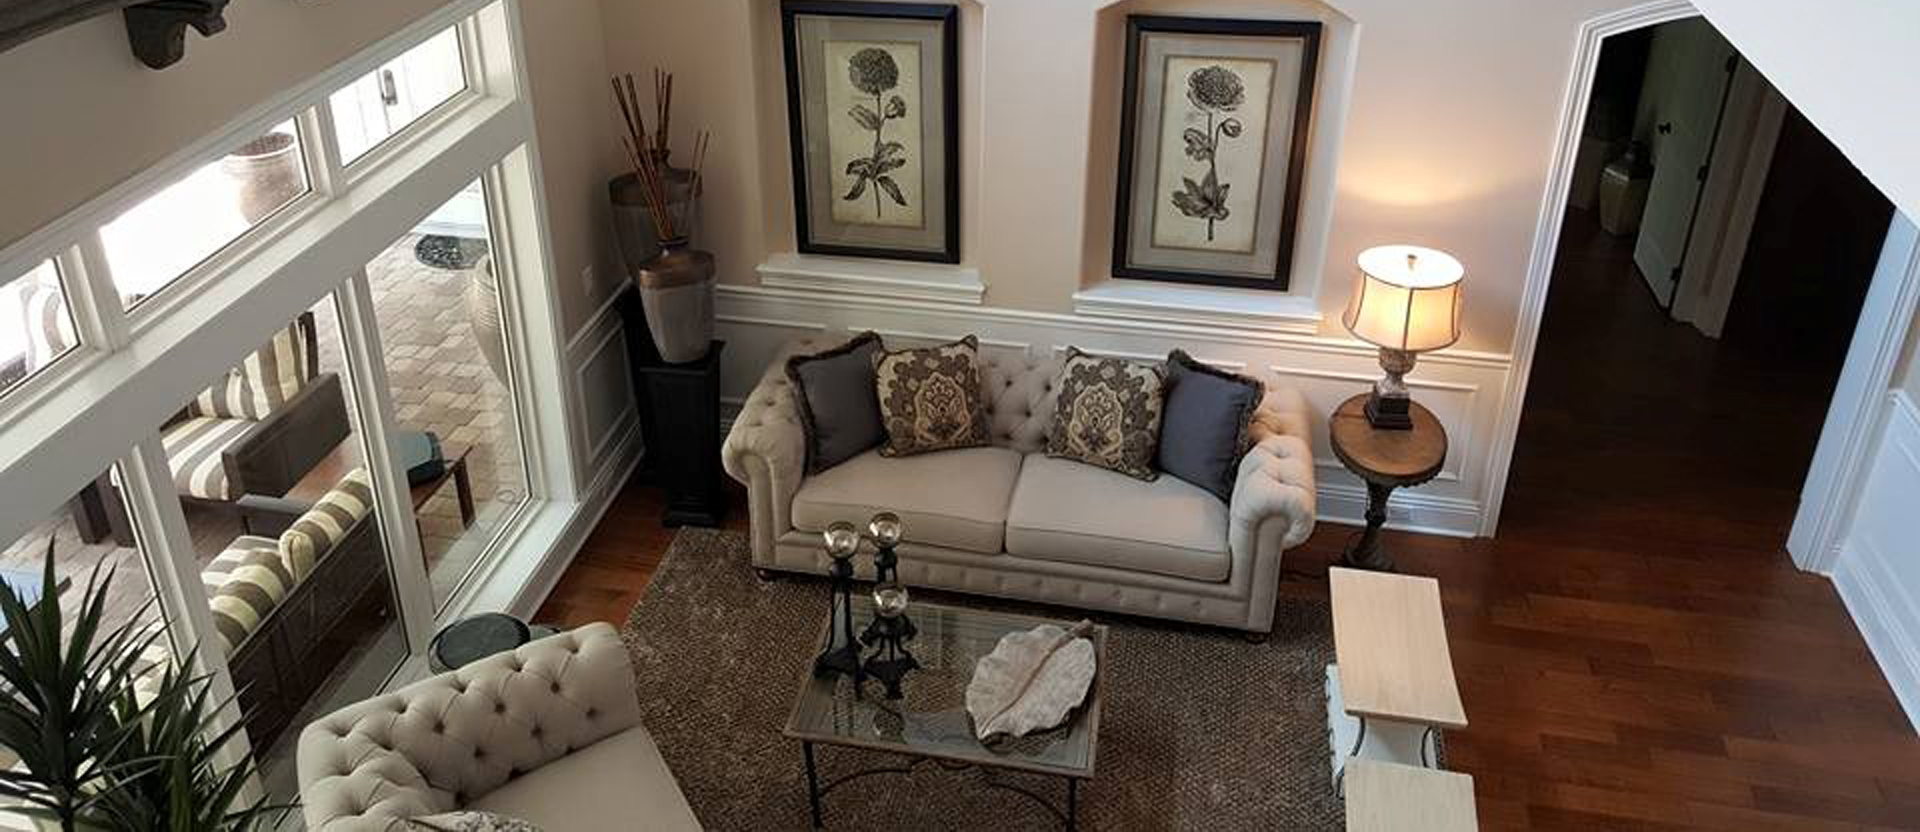 interior design design elements interiors rh designelementsinteriors com interior designer school jacksonville fl interior designer school jacksonville fl